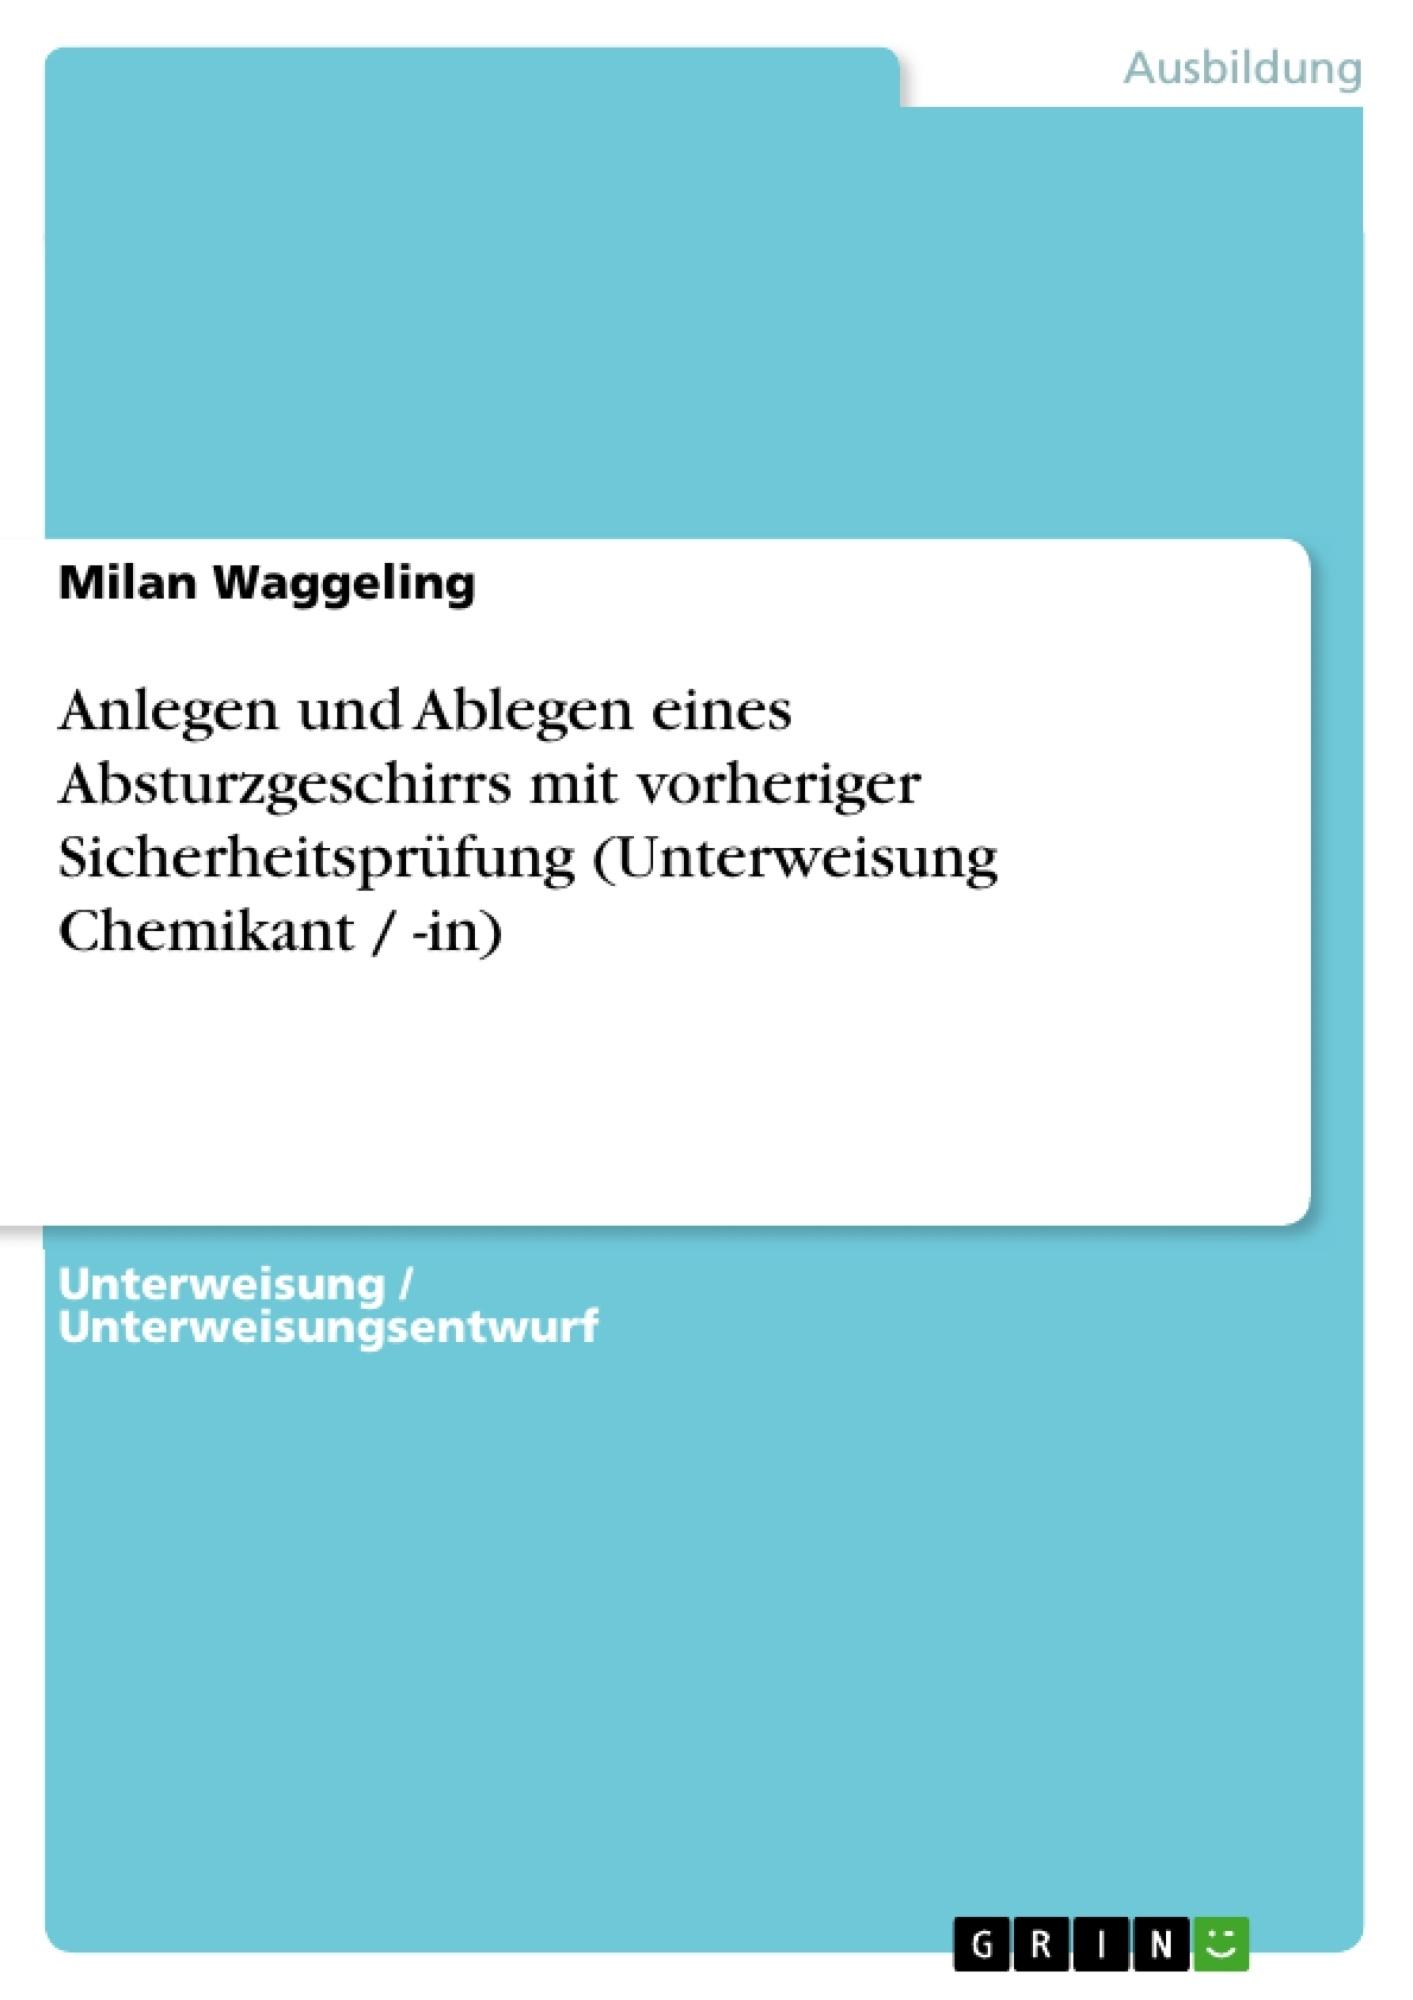 Titel: Anlegen und Ablegen eines Absturzgeschirrs mit vorheriger Sicherheitsprüfung (Unterweisung Chemikant / -in)